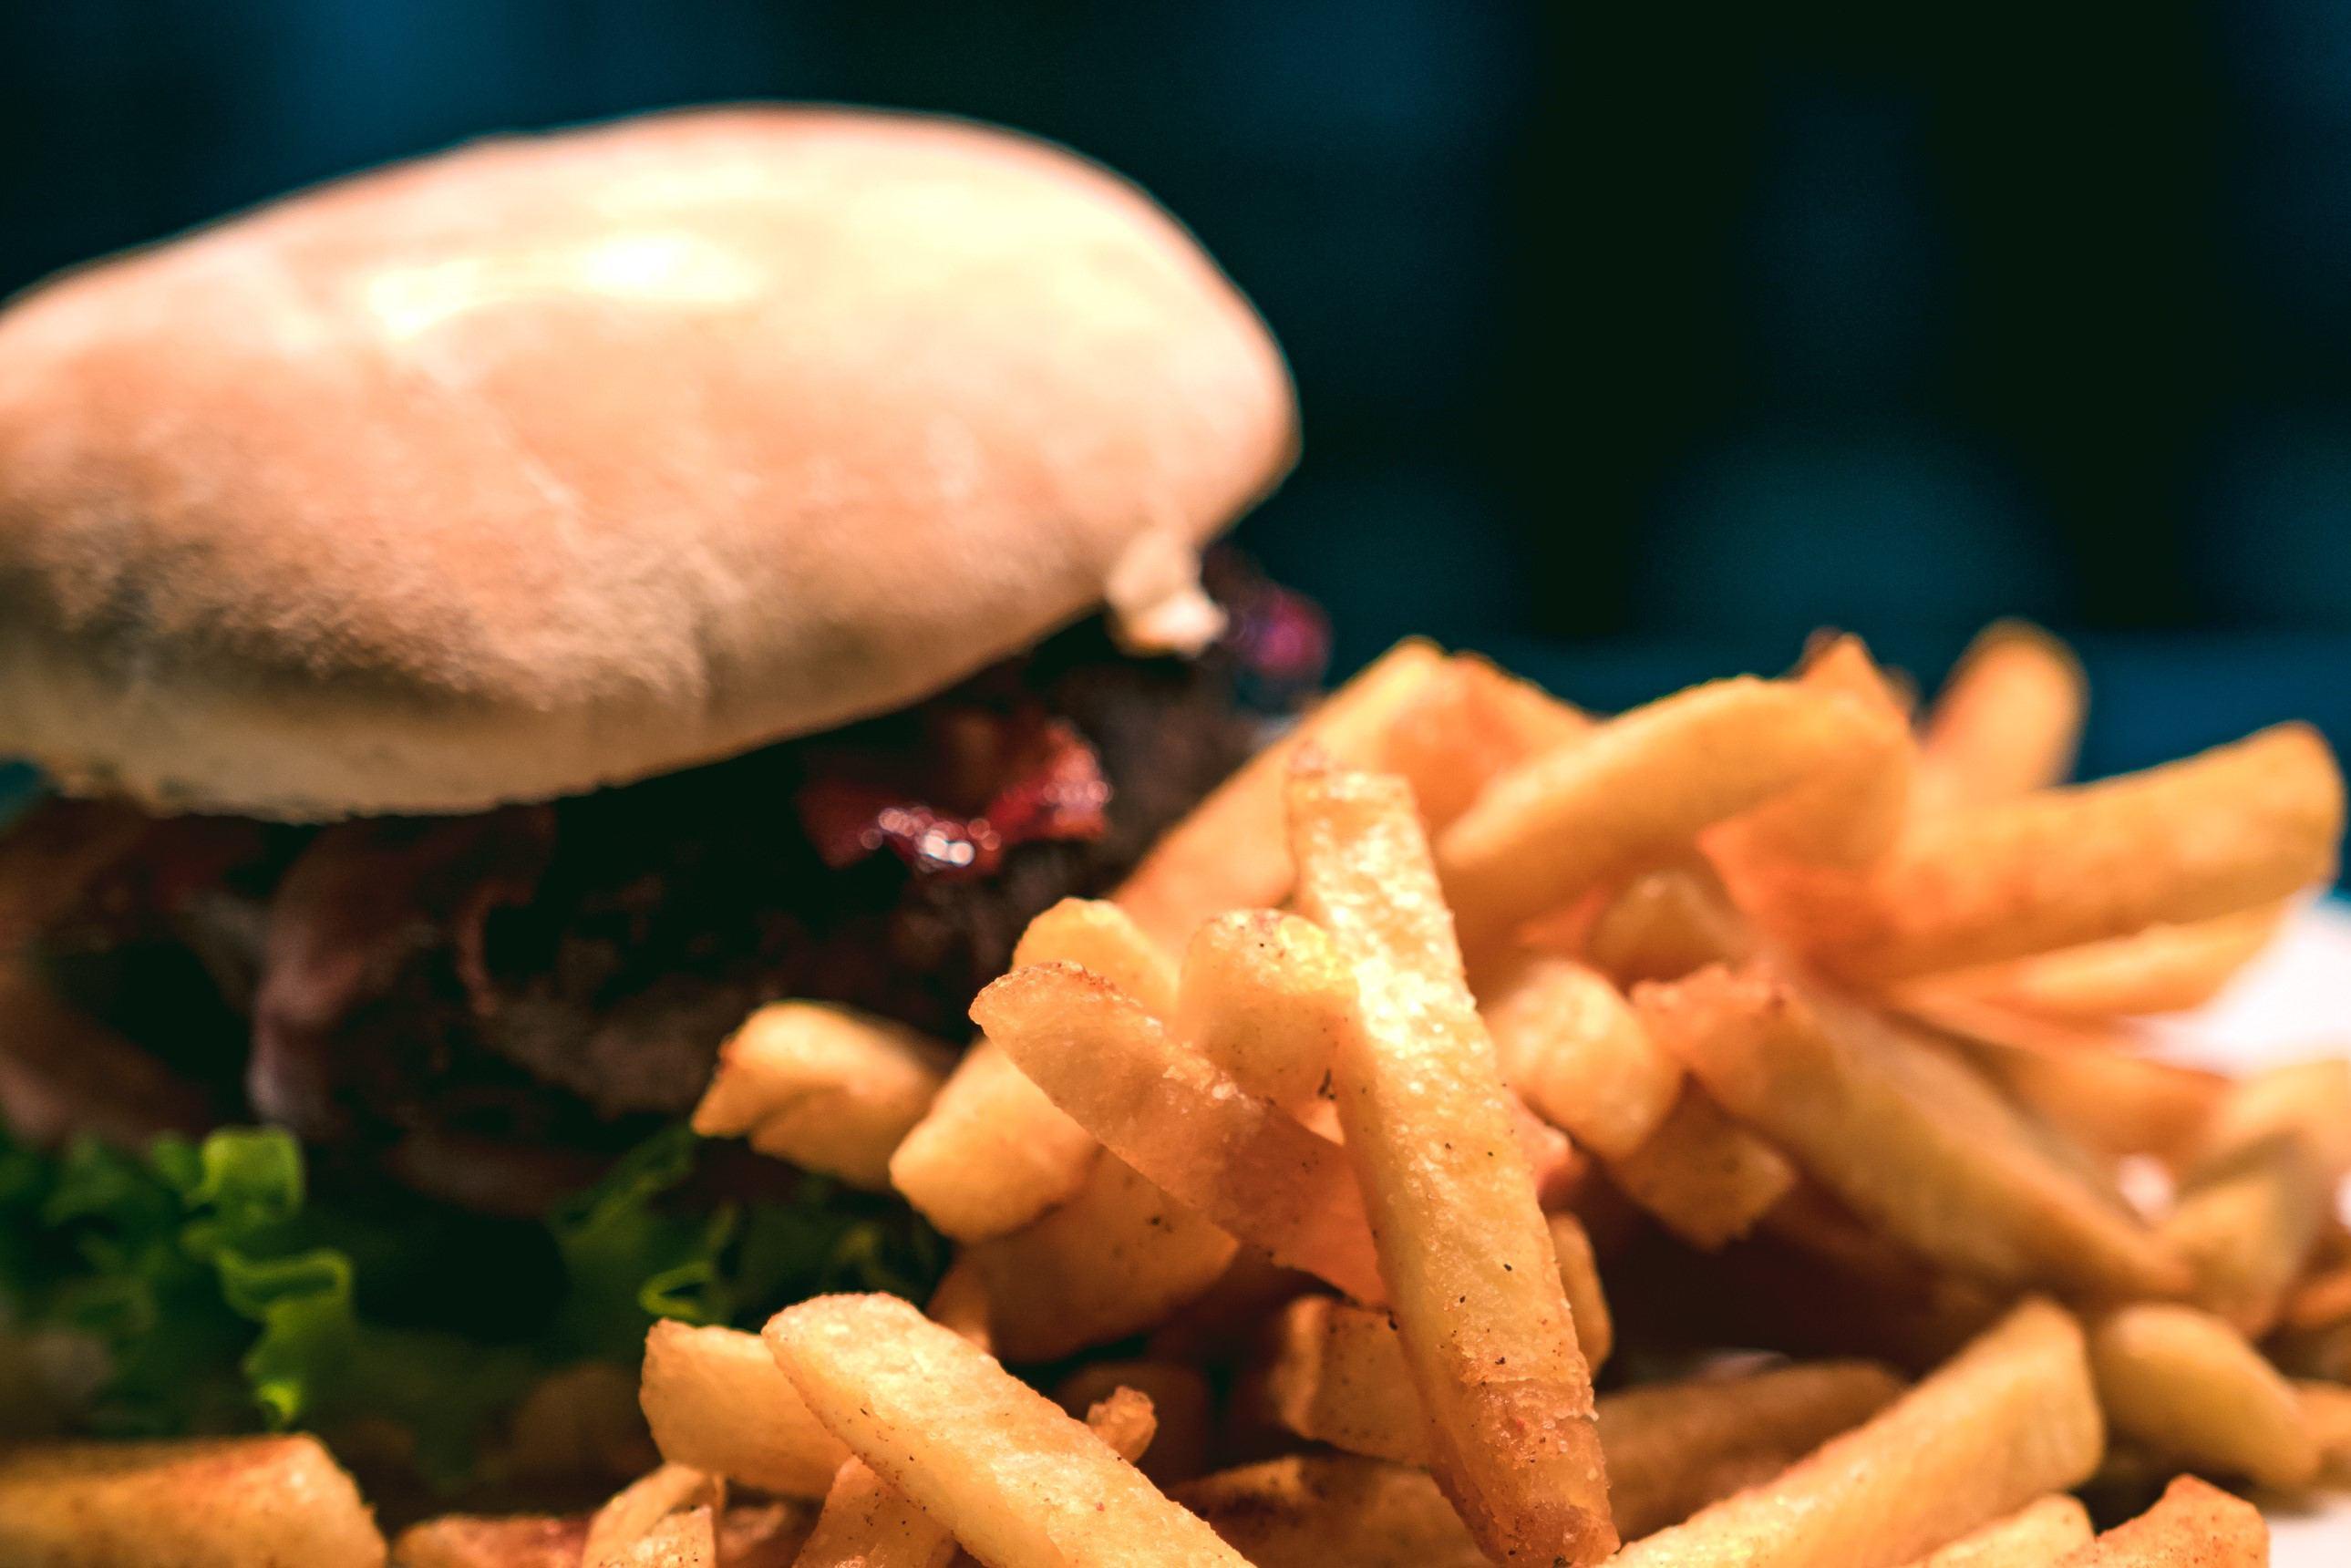 Mittagspause in Eimsbüttel – Burger und mehr